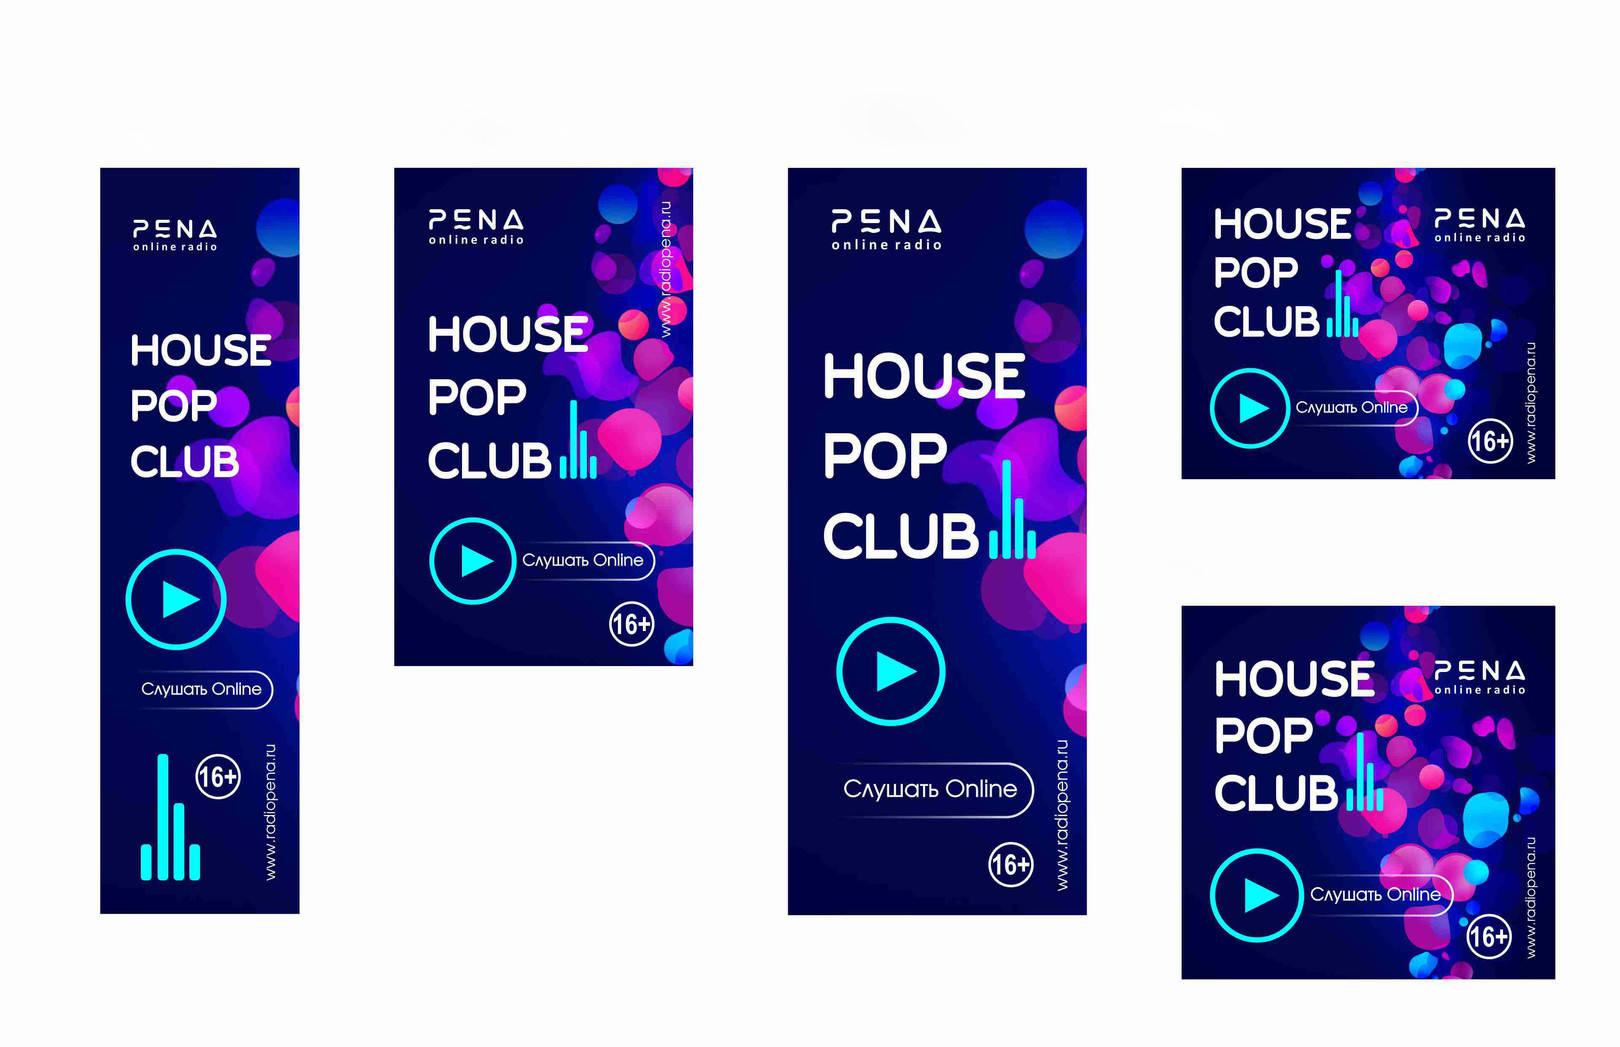 Разработка креативов для молодёжной музыкальной online радиостанции PENA